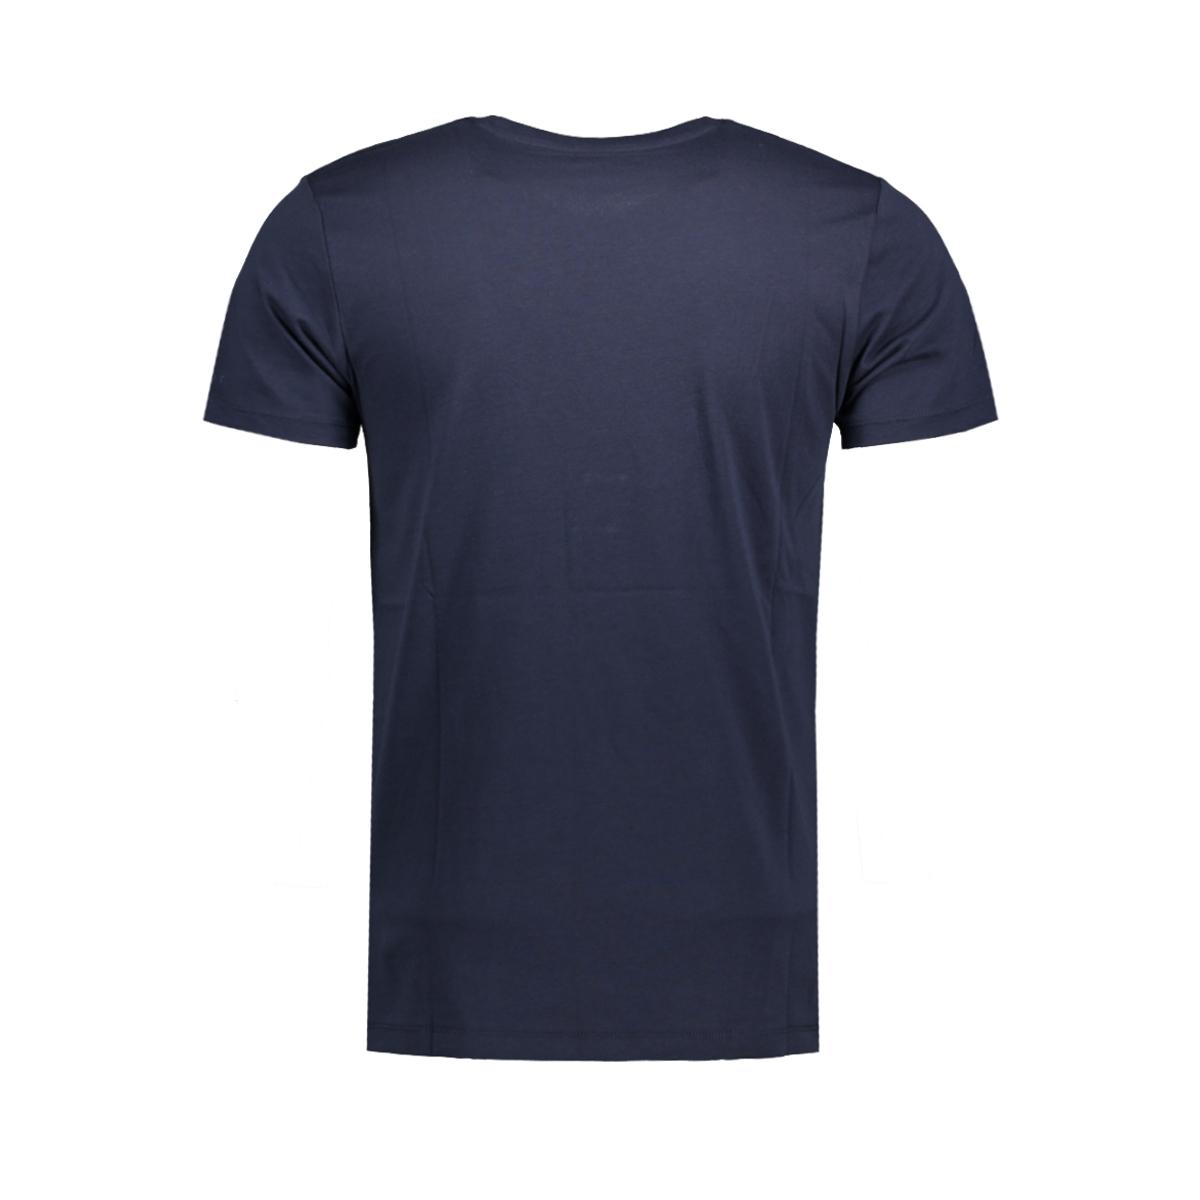 997ee2k819 esprit t-shirt e400